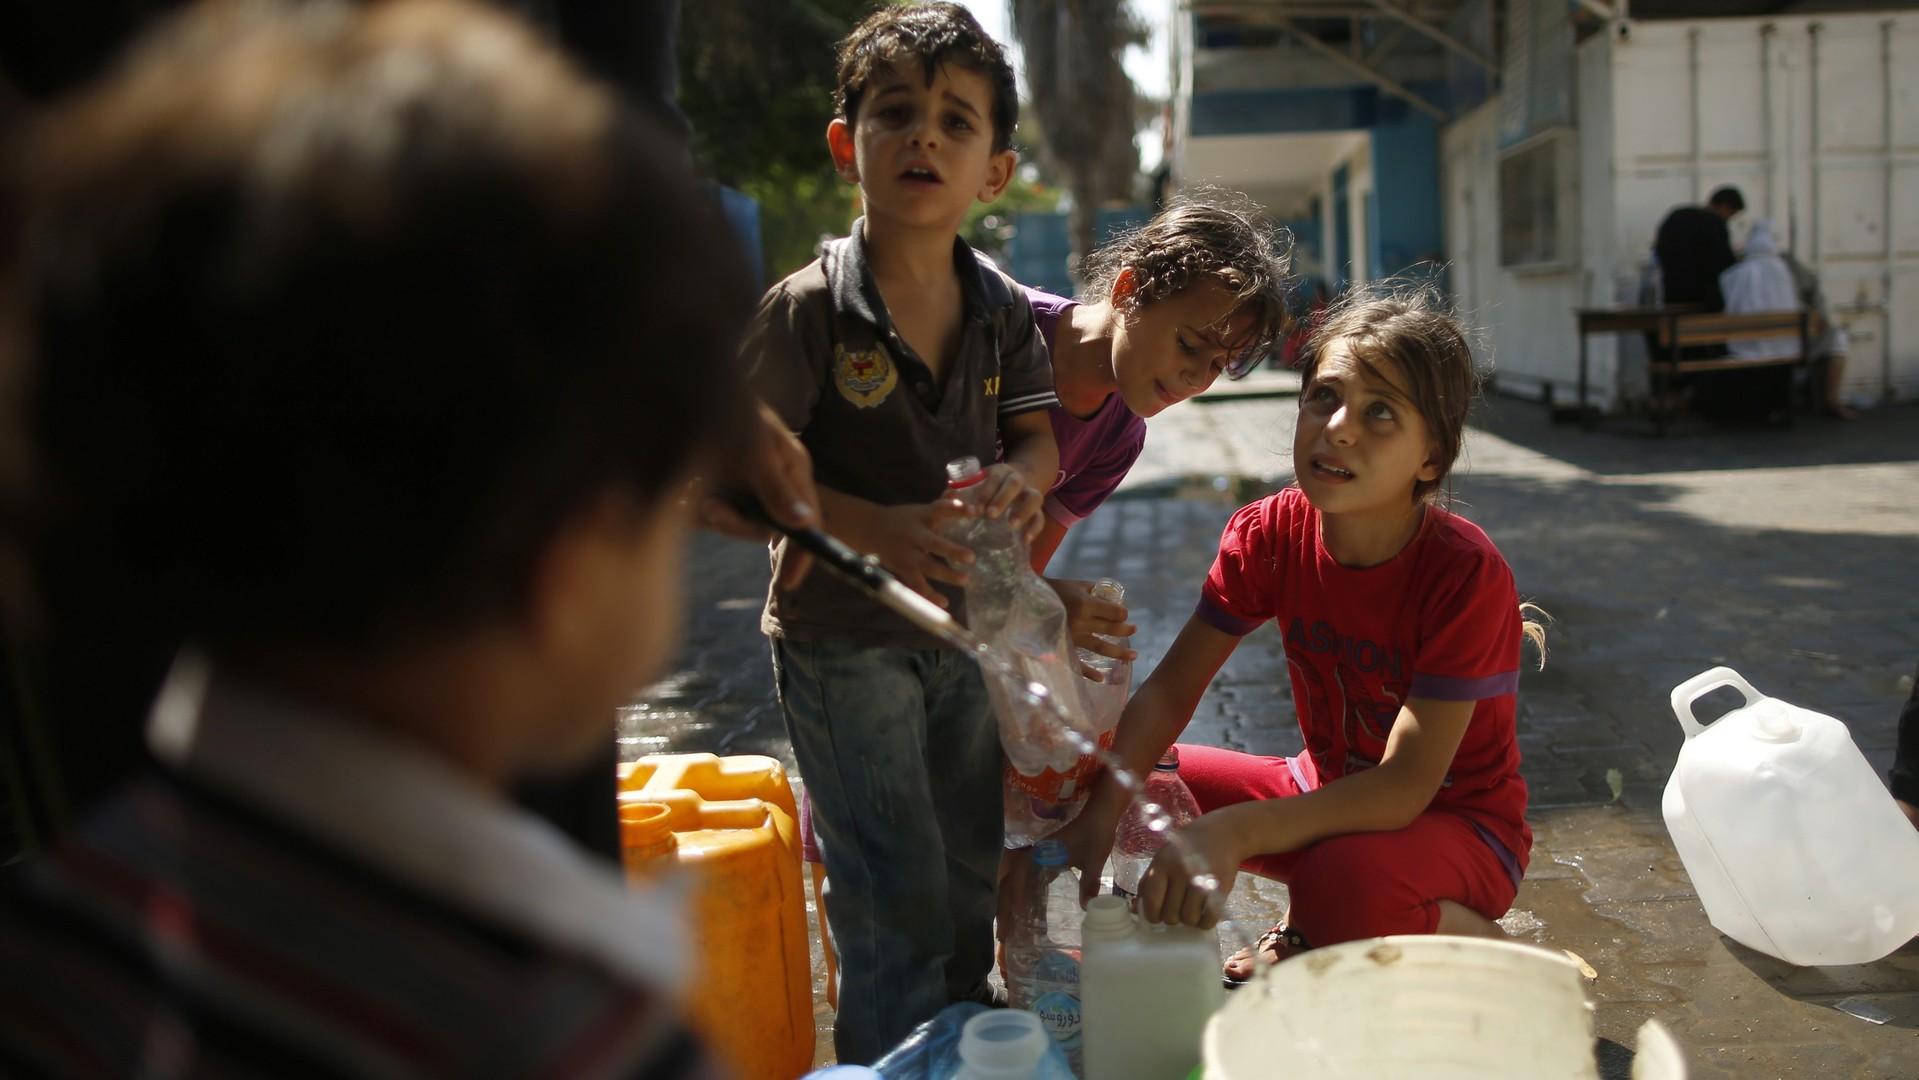 Pénurie d'eau désastreuse à Gaza: «Nous ne pouvons pas la boire, ni s'en servir pour cuire ou laver»